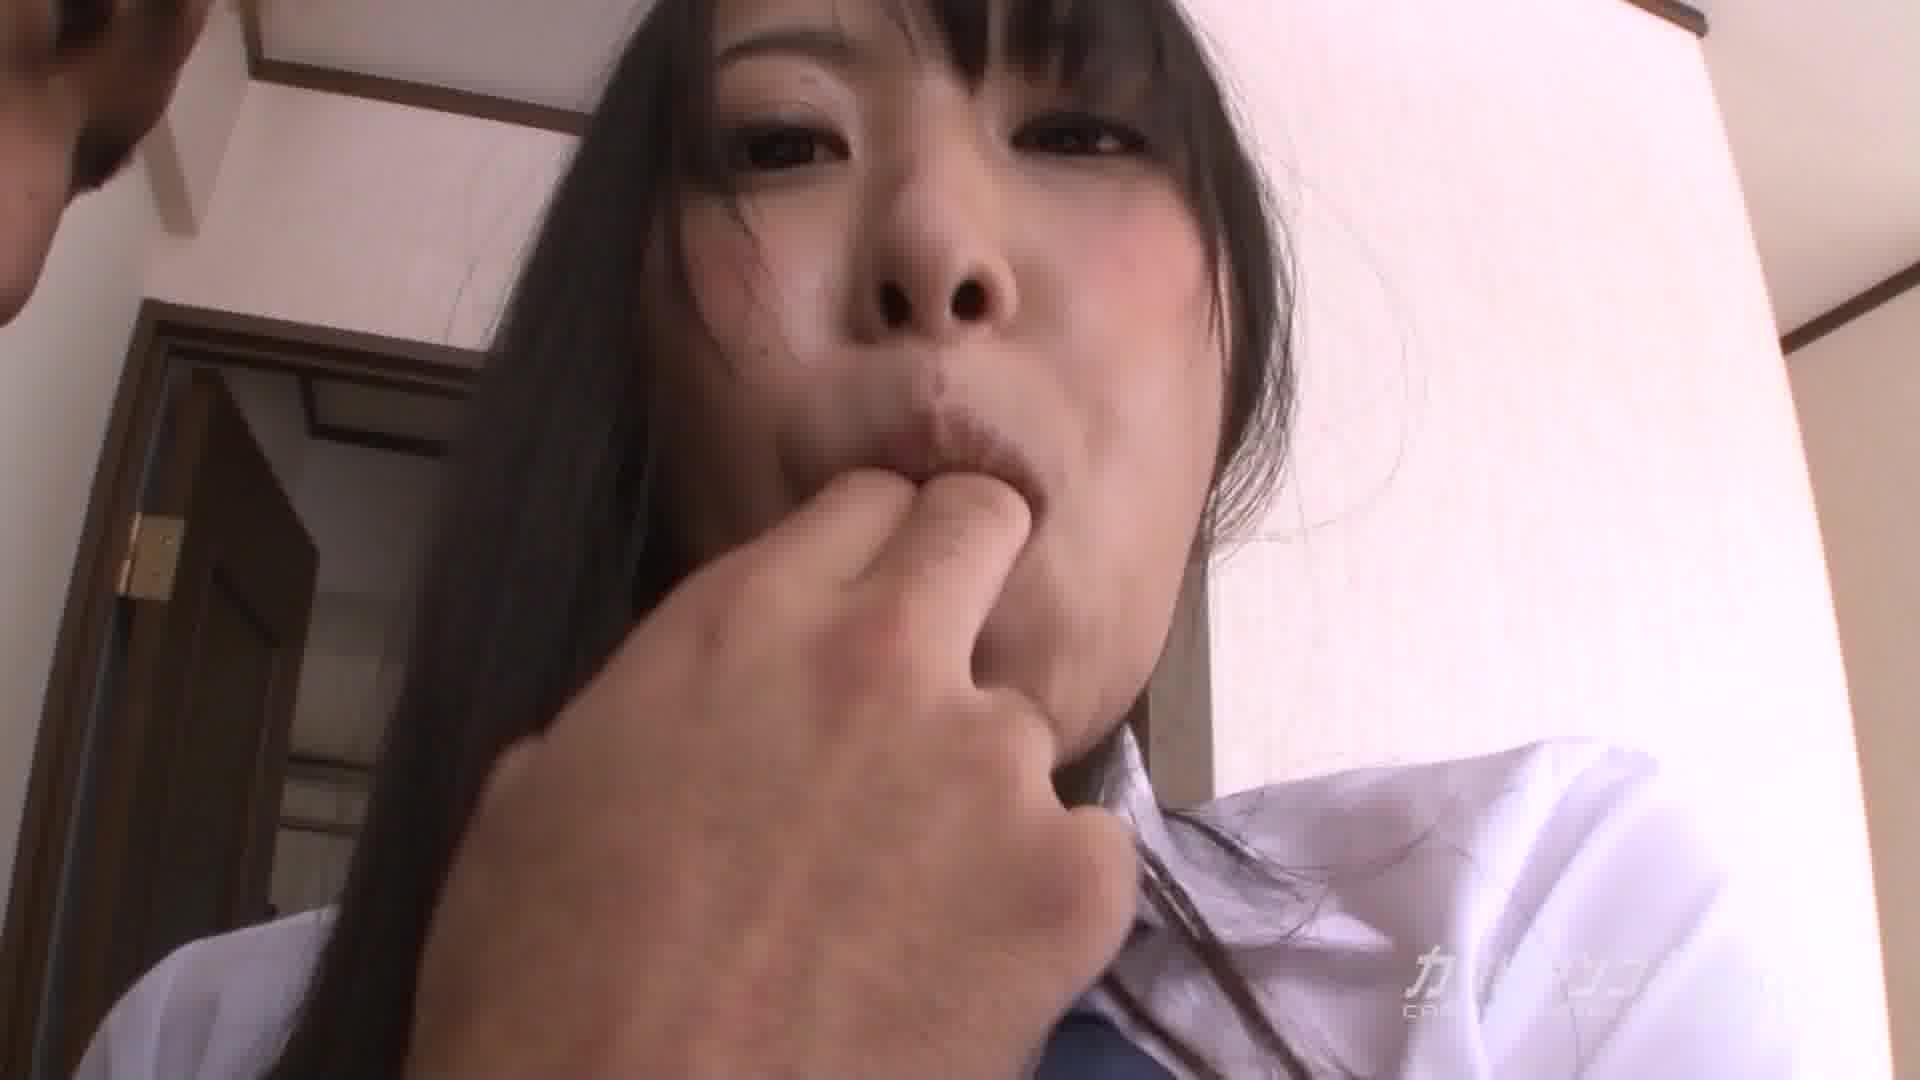 早抜き 牧瀬みさBEST - 牧瀬みさ【制服・パイズリ・中出し】